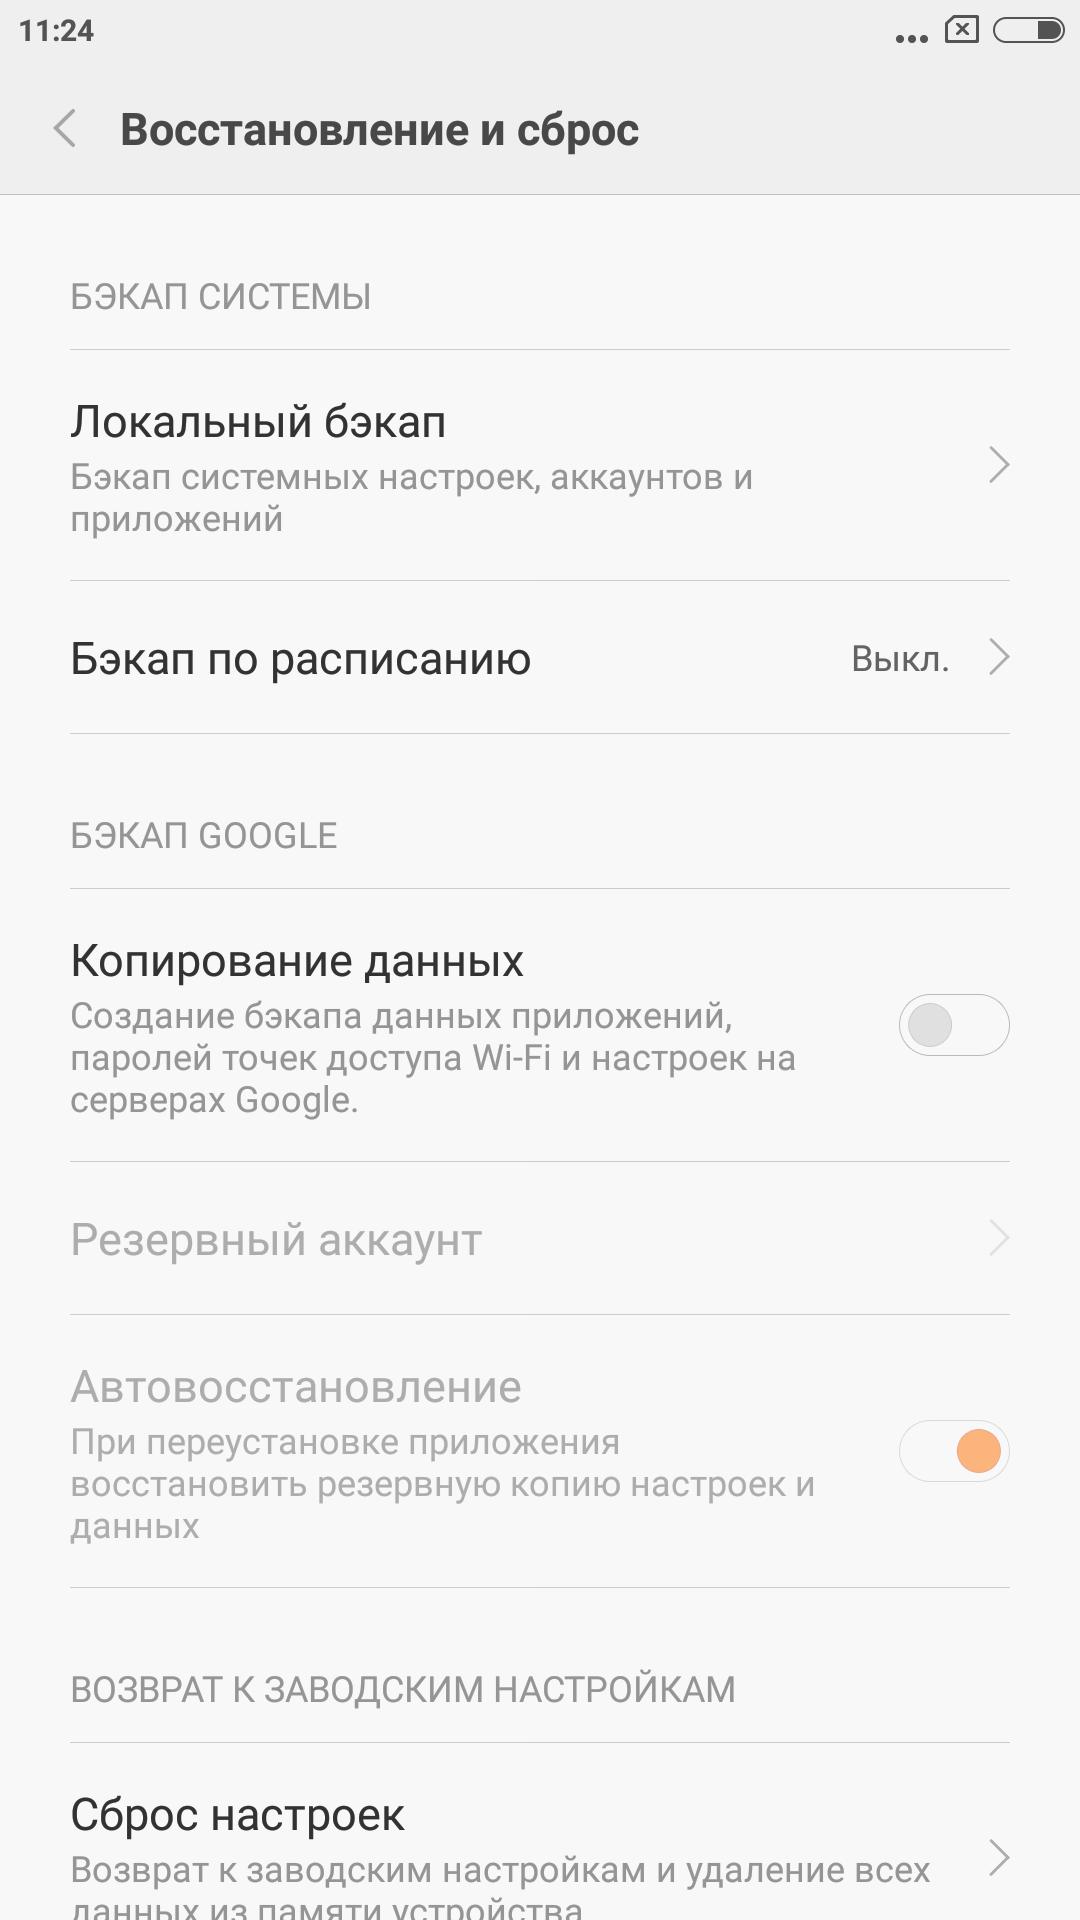 Обзор лучшего бюджетника 2015 года — Xiaomi Redmi Note 2 - 30